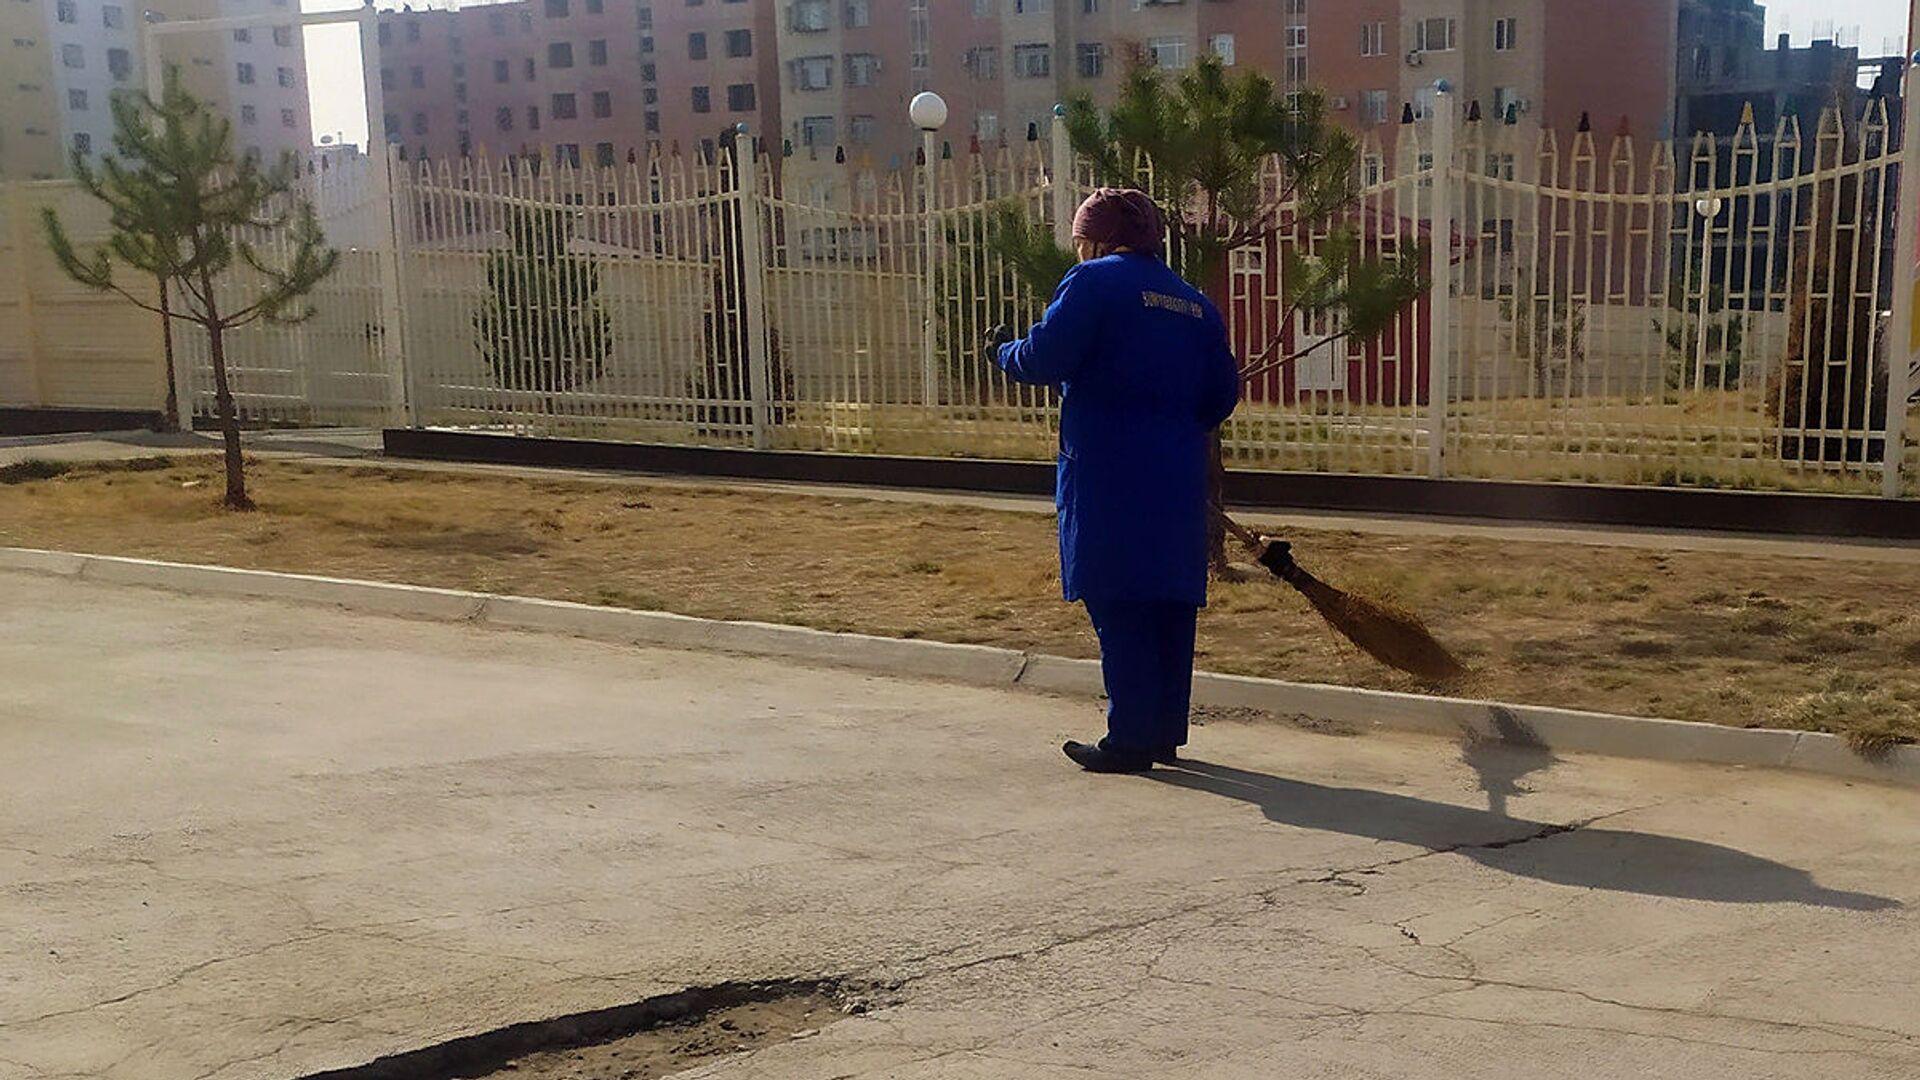 Женщина подметает улицу - Sputnik Ўзбекистон, 1920, 17.09.2021